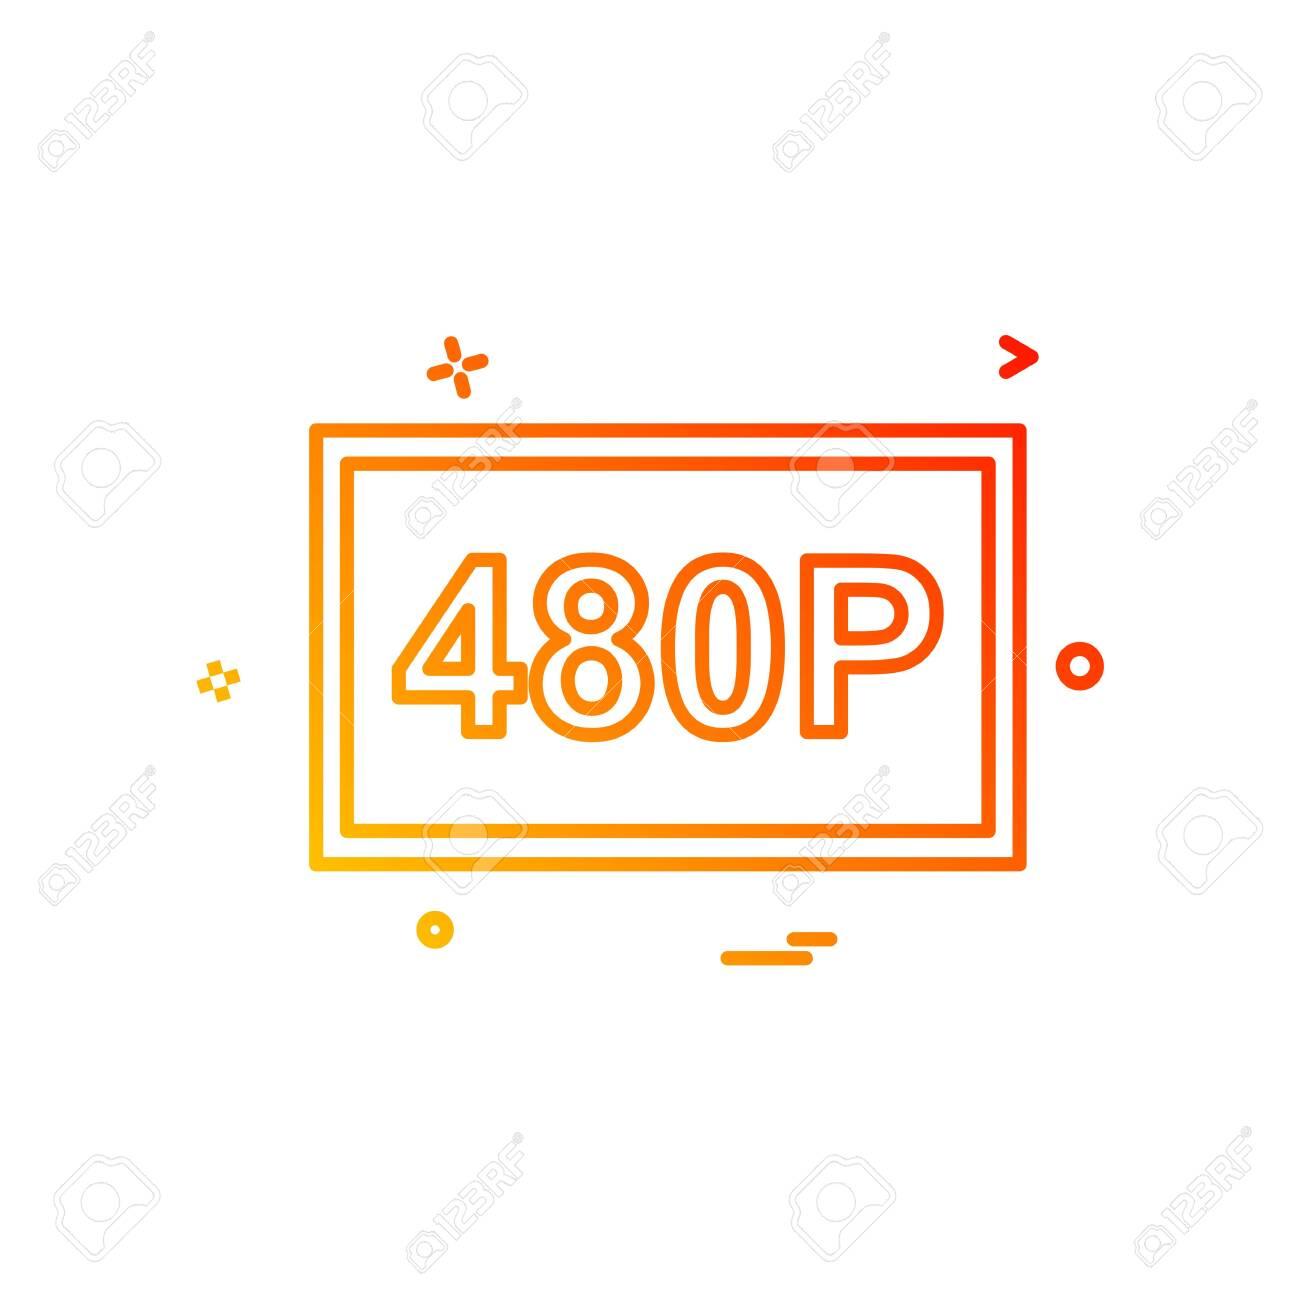 480p video icon design vector - 148008421